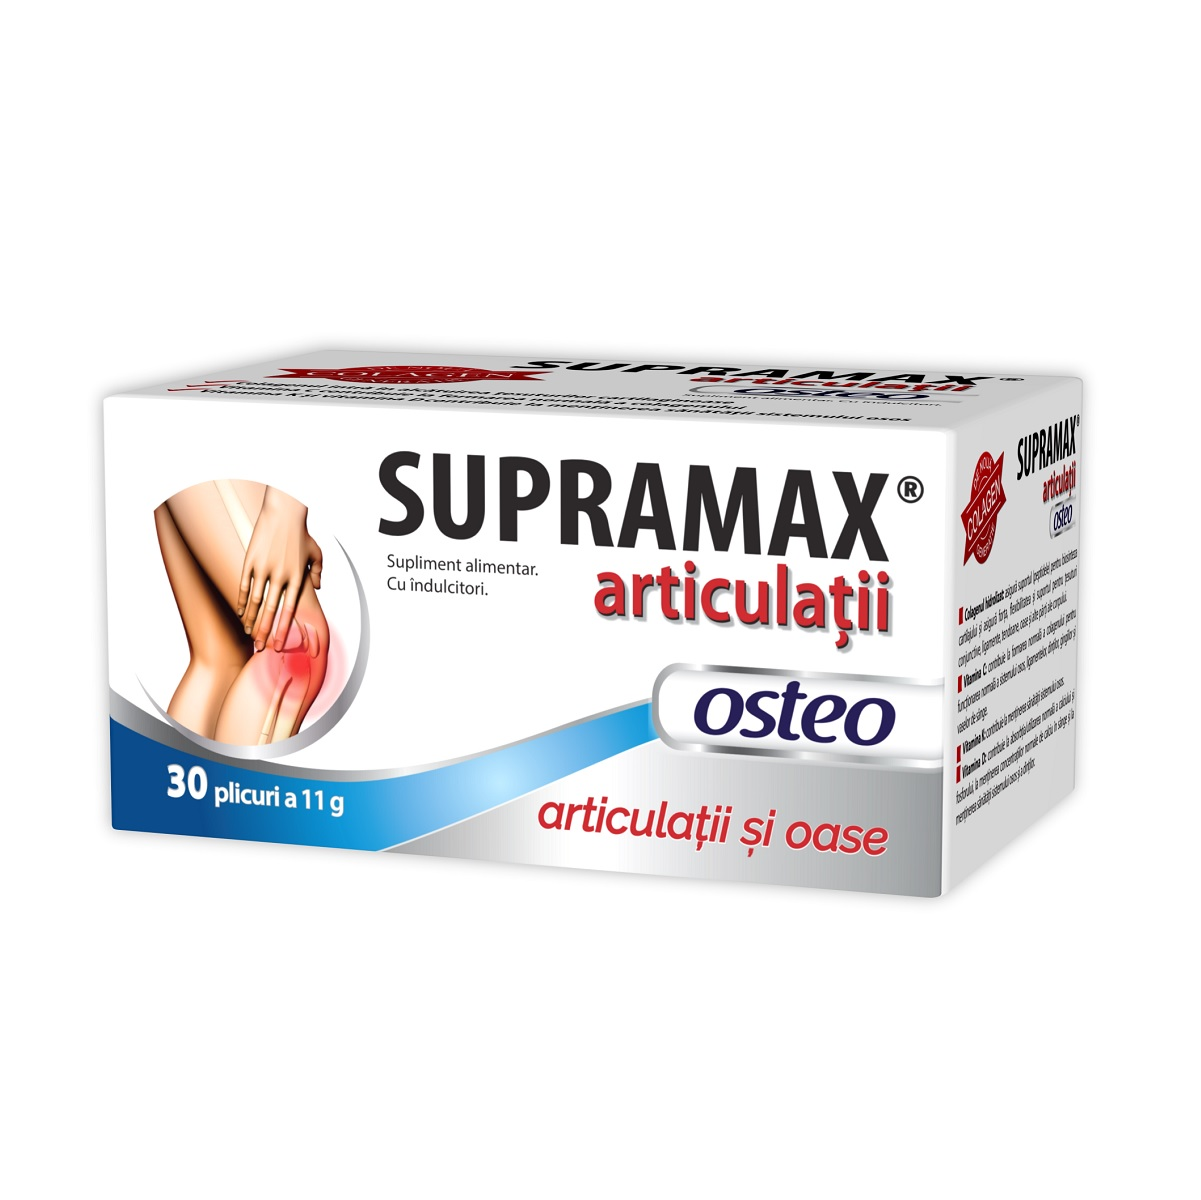 medicament pentru articulații și oase pentru a cumpăra